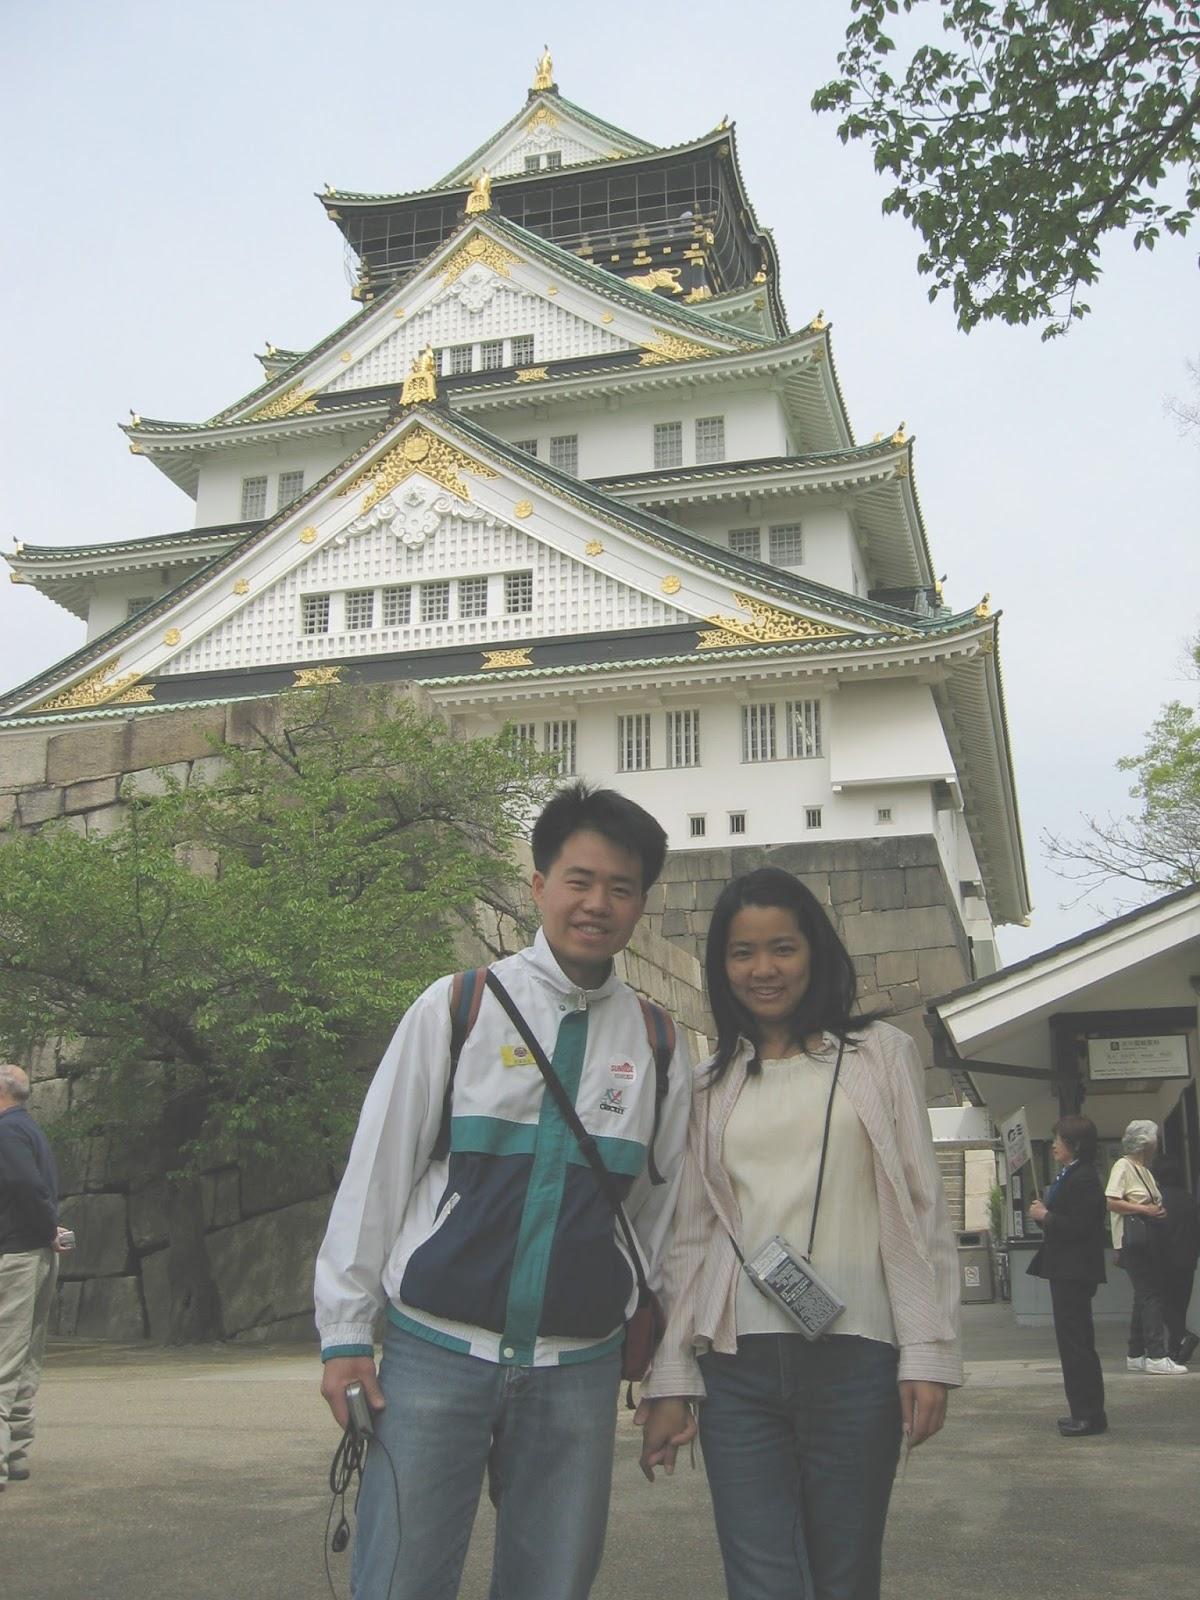 去哪裡旅遊景點玩: 日本旅遊